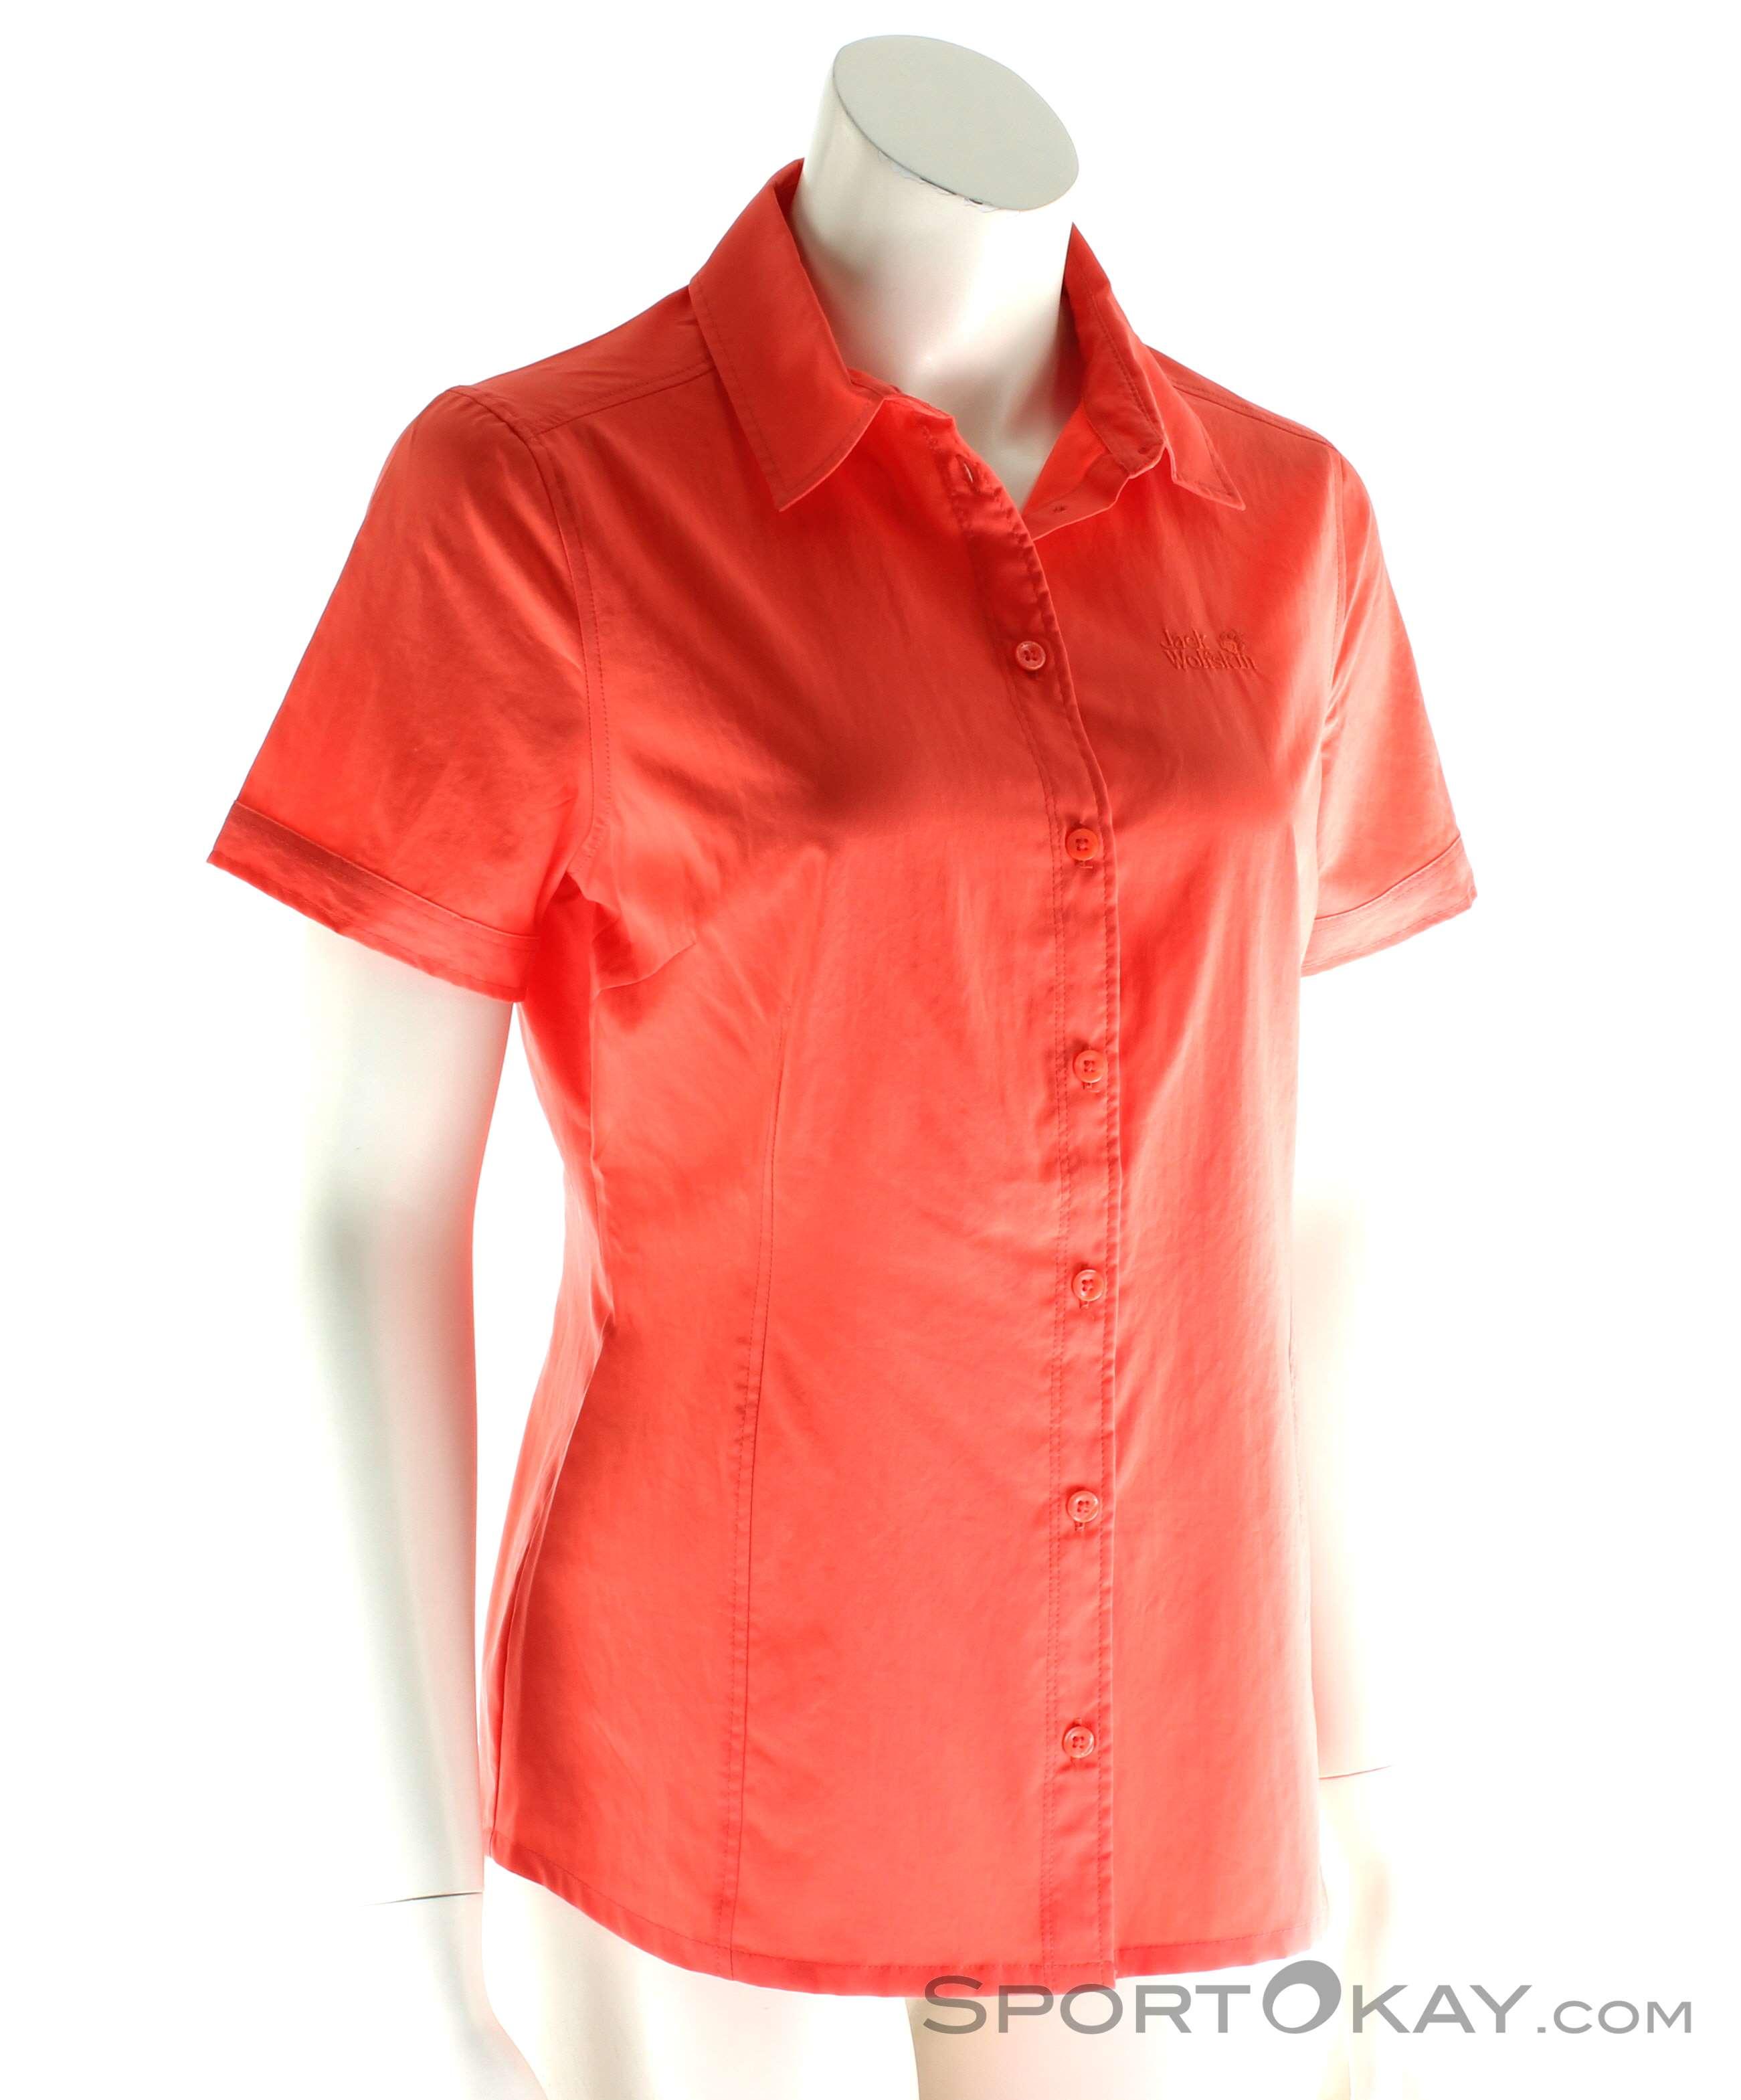 Jack Wolfskin Sonora Damen Outdoorbluse Shirts & Hemden